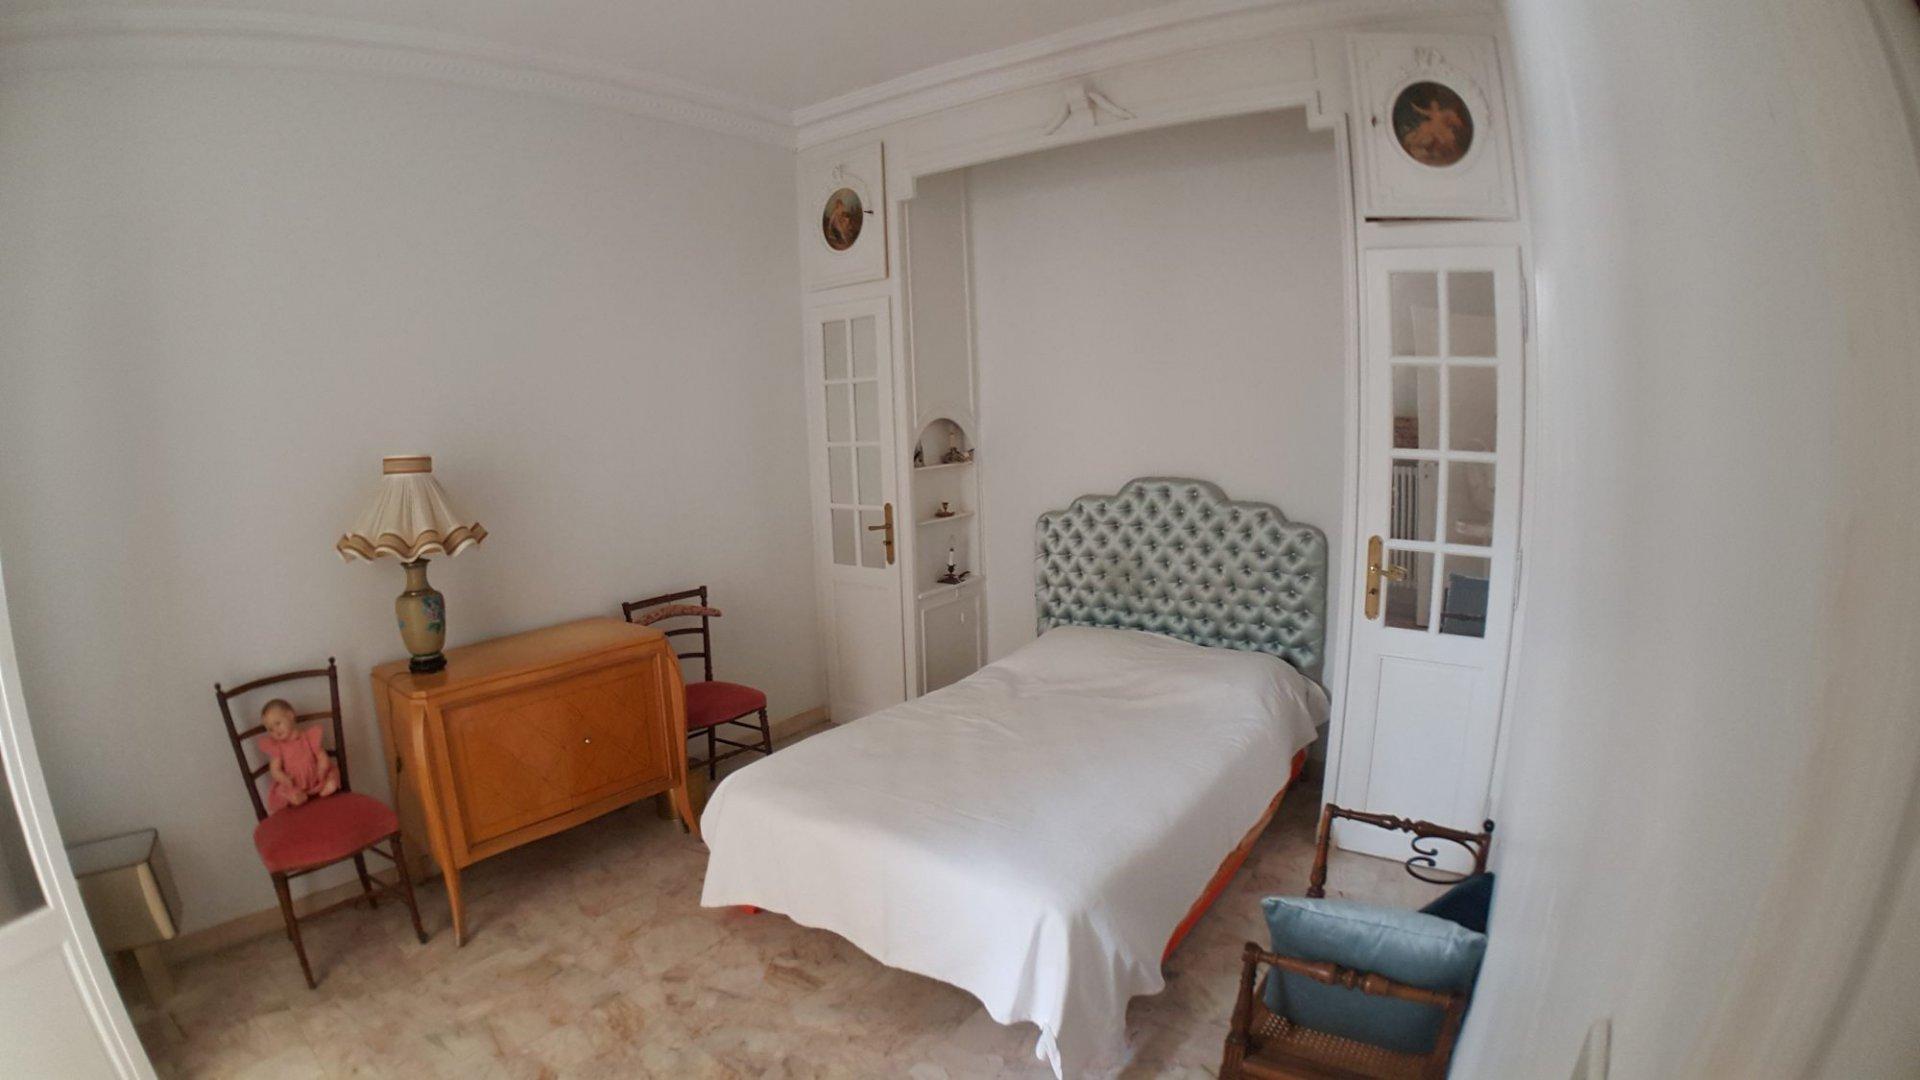 Perpignan, Maison de ville à vendre secteur Clemenceau